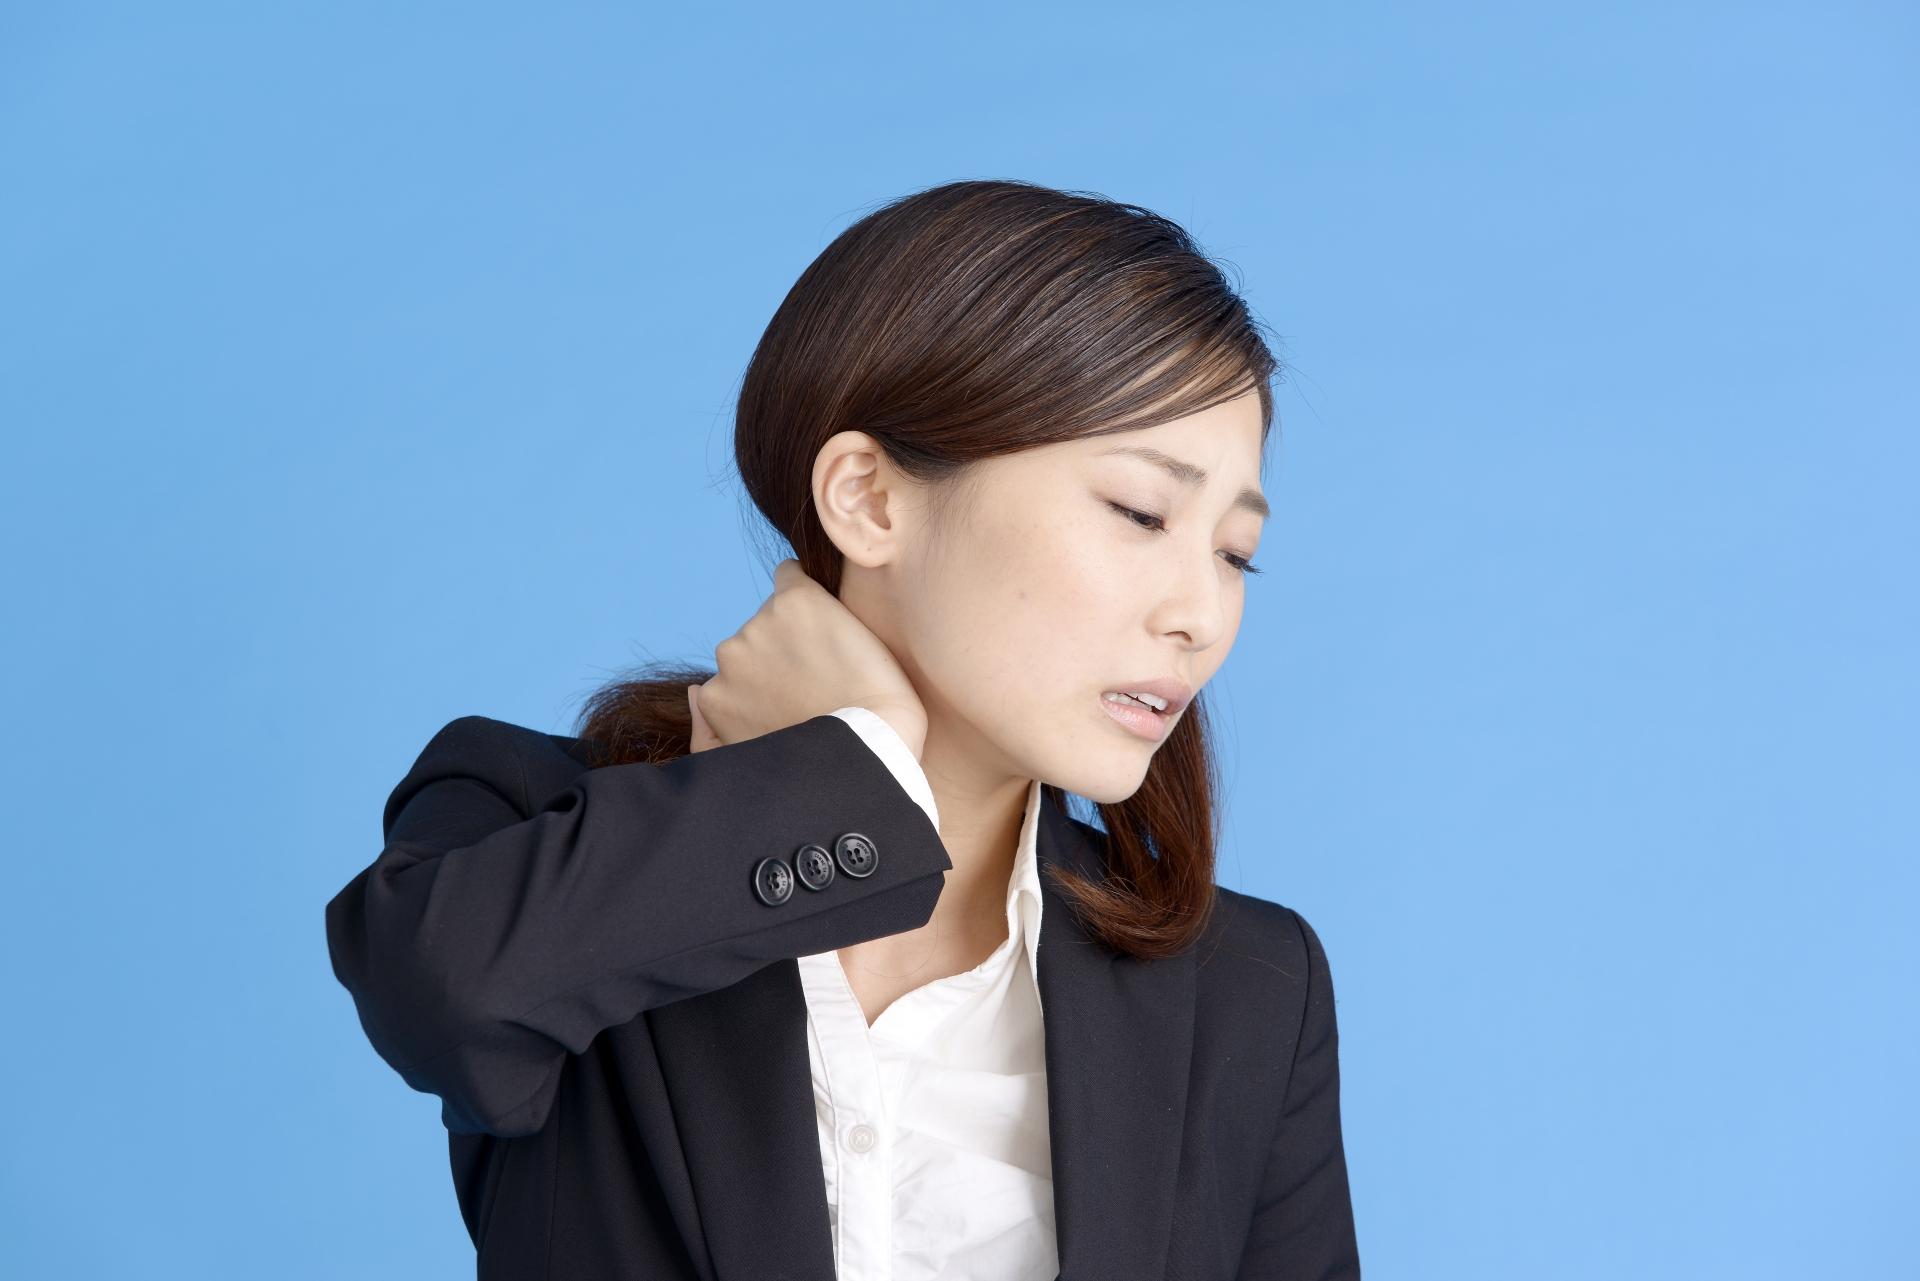 スマホ依存して体調の不調もあった友人が、体調改善しスマホを触る時間が劇的に減った方法をご紹介